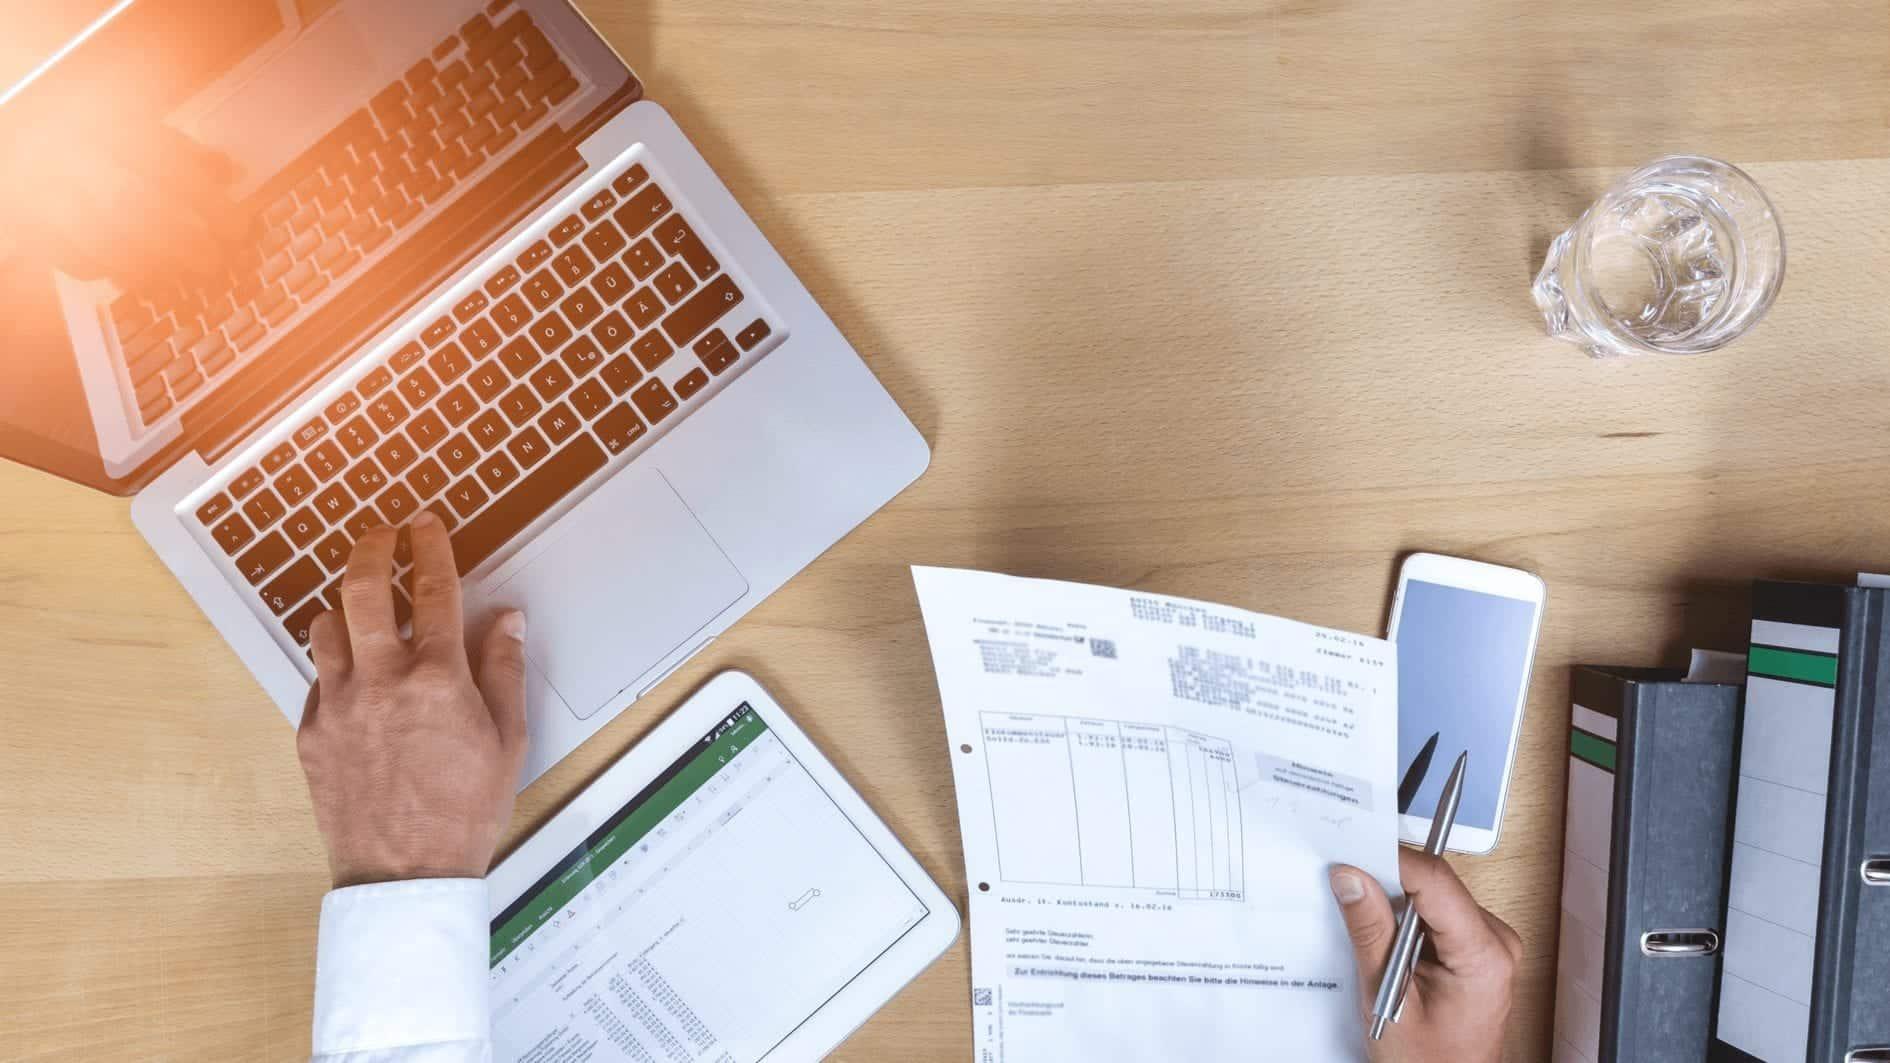 Bagaimana software aplikasi pengelolaan cuti bisa permudah cuti karyawan? Software cuti karyawan seperti apa yang diperlukan perusahaan?